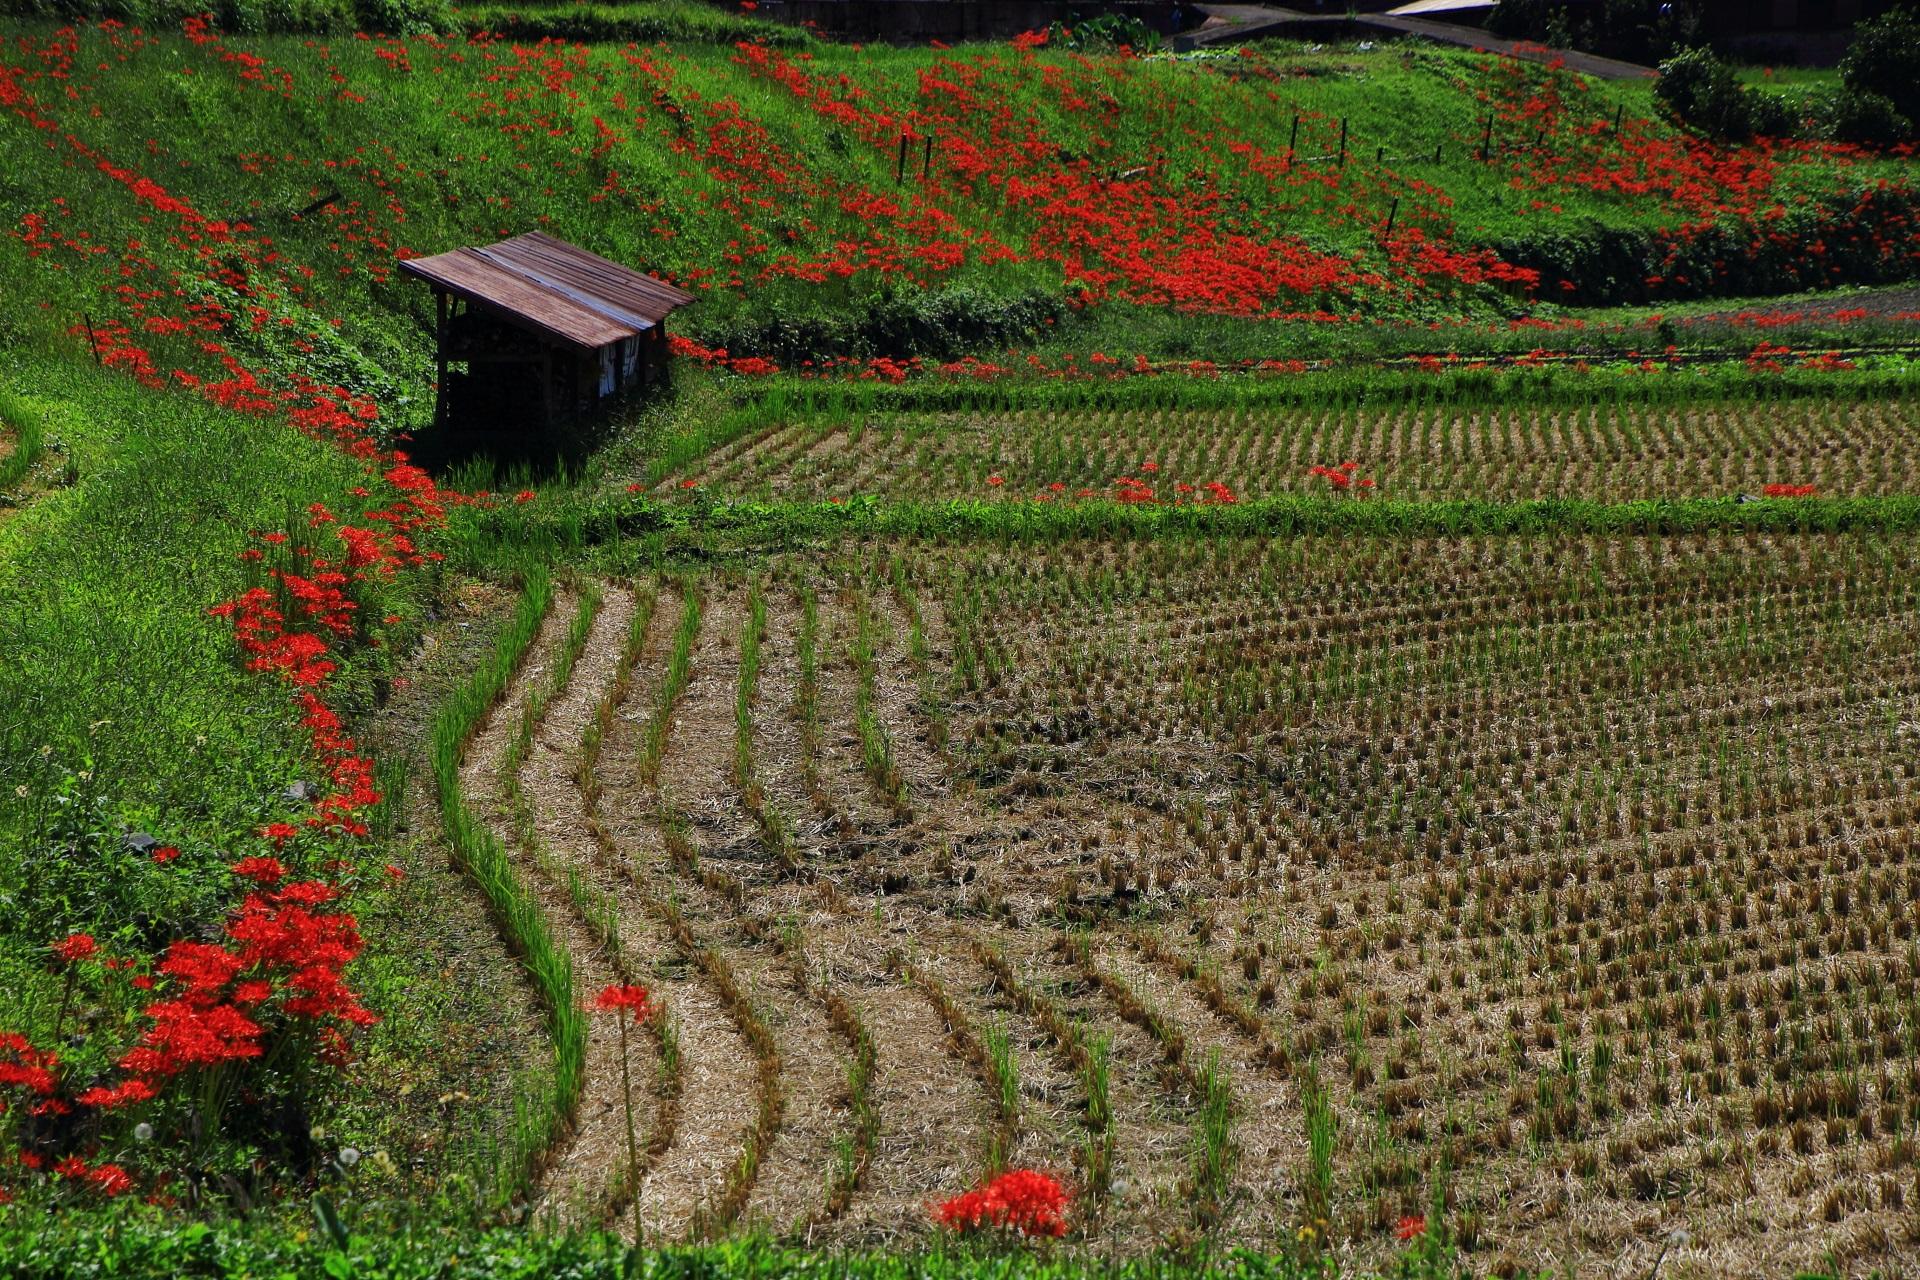 大原の里の長閑な田園に広がる赤い彼岸花